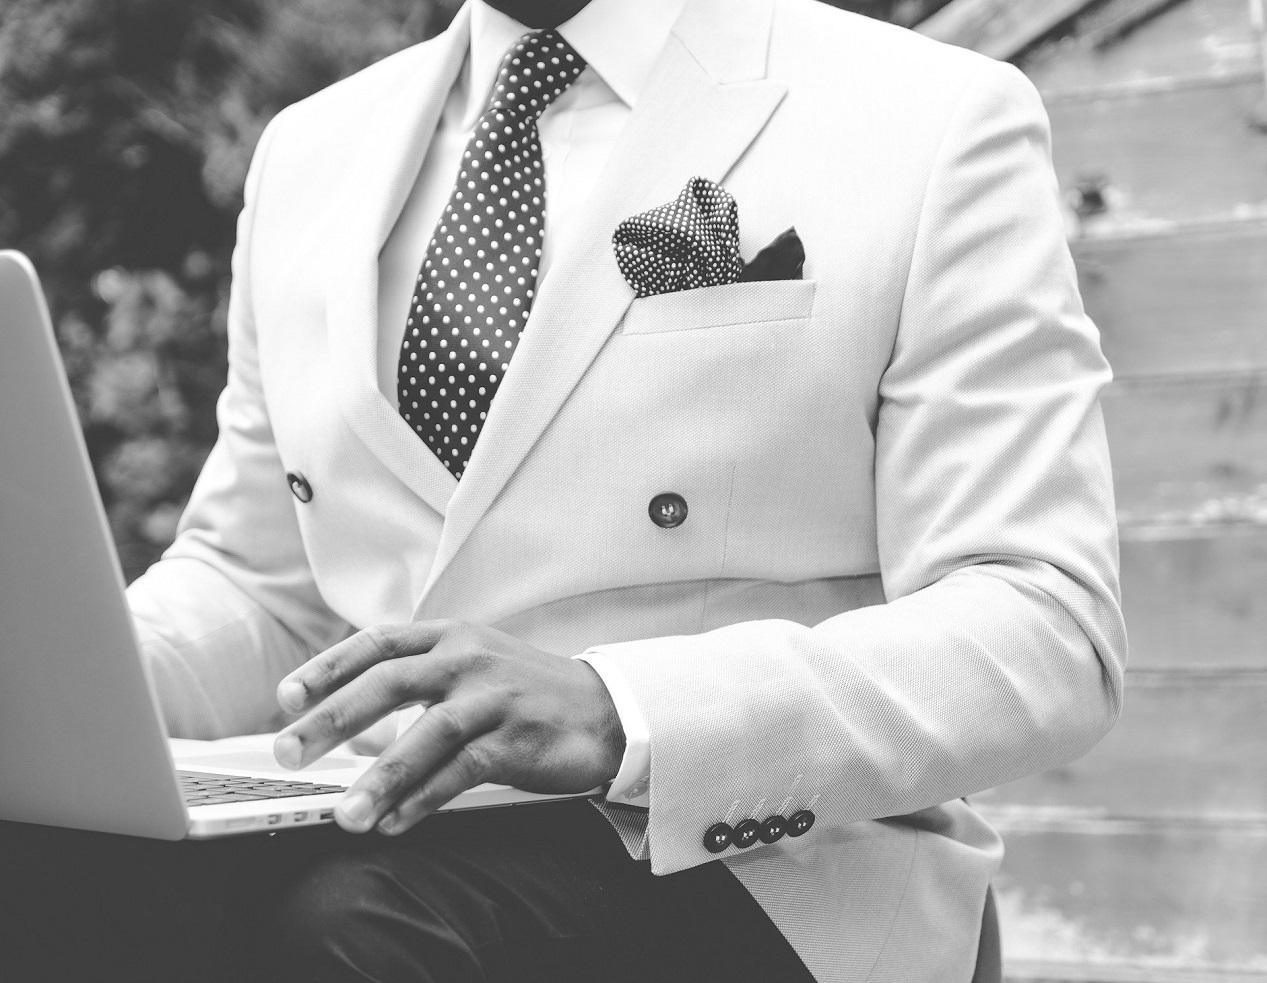 chemise blanche homme portée avec un costume